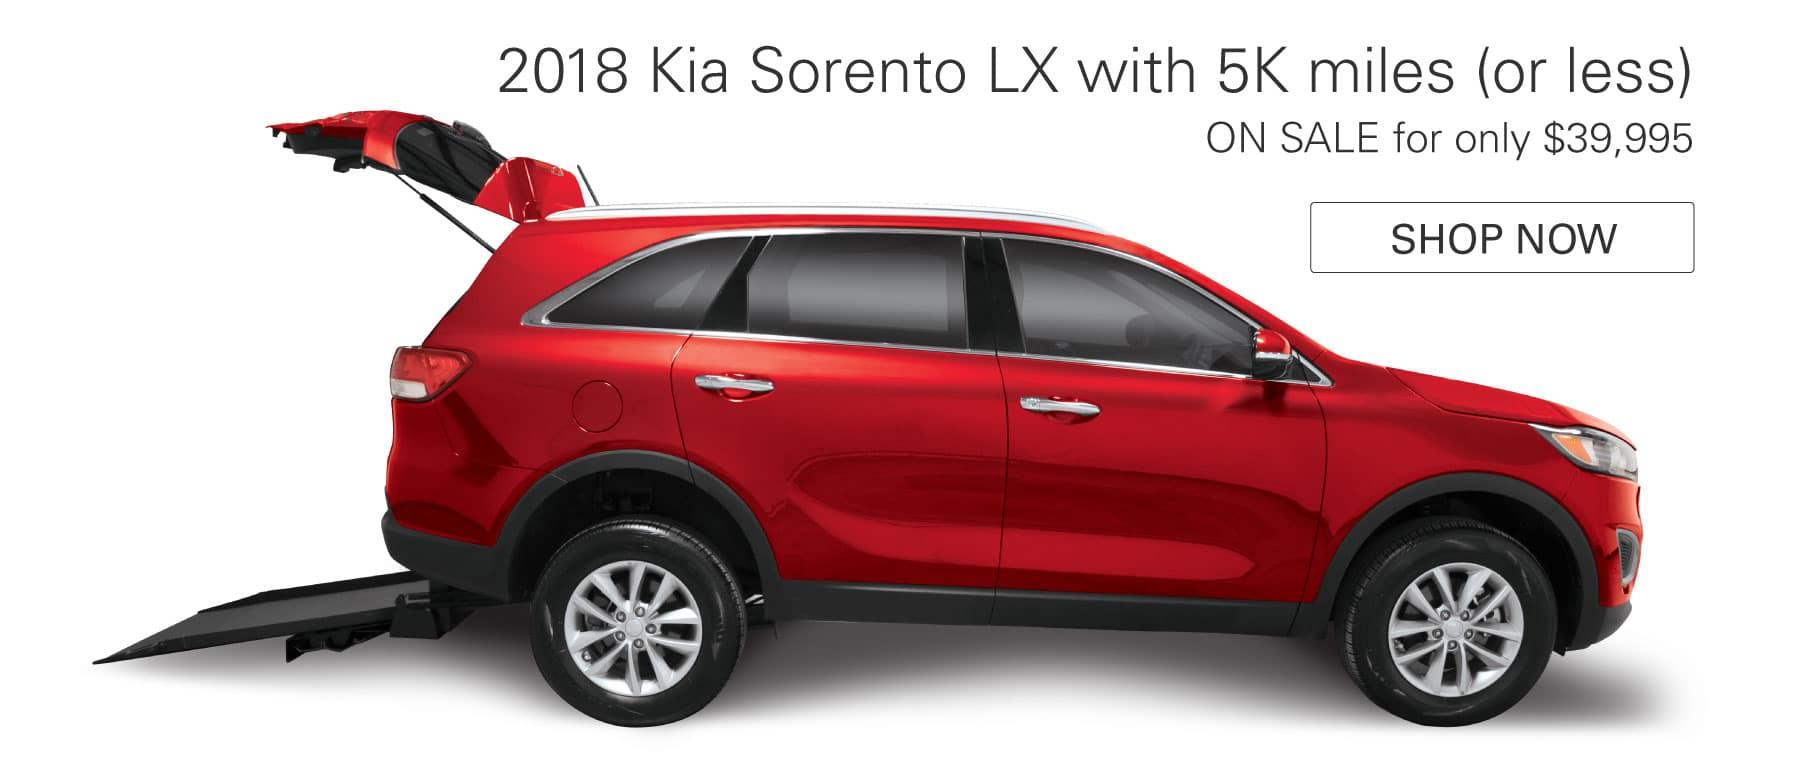 2018 Kia Sorento LX on sale for only $39,995